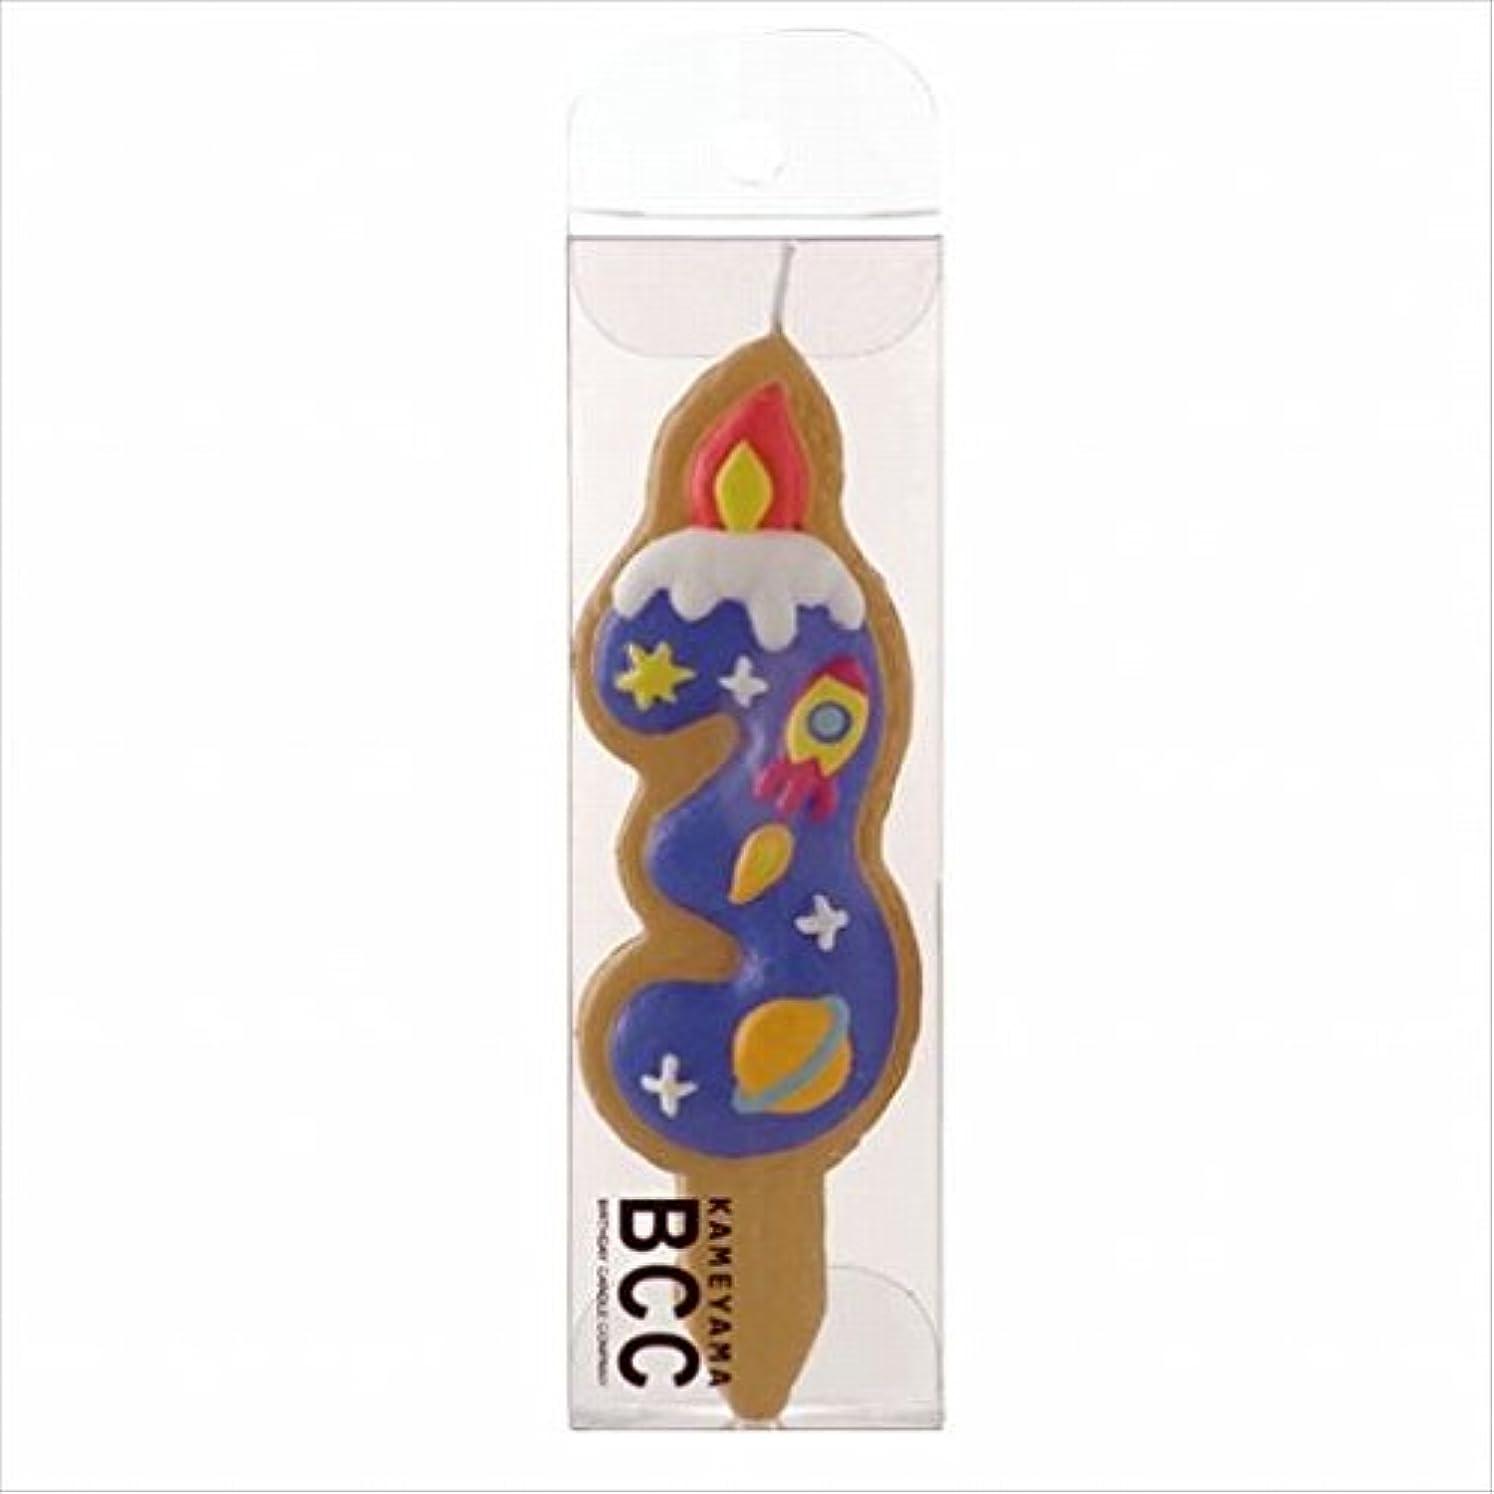 モール風刺ダブルカメヤマキャンドル( kameyama candle ) クッキーナンバーキャンドル 3番 ロケット ケーキ用